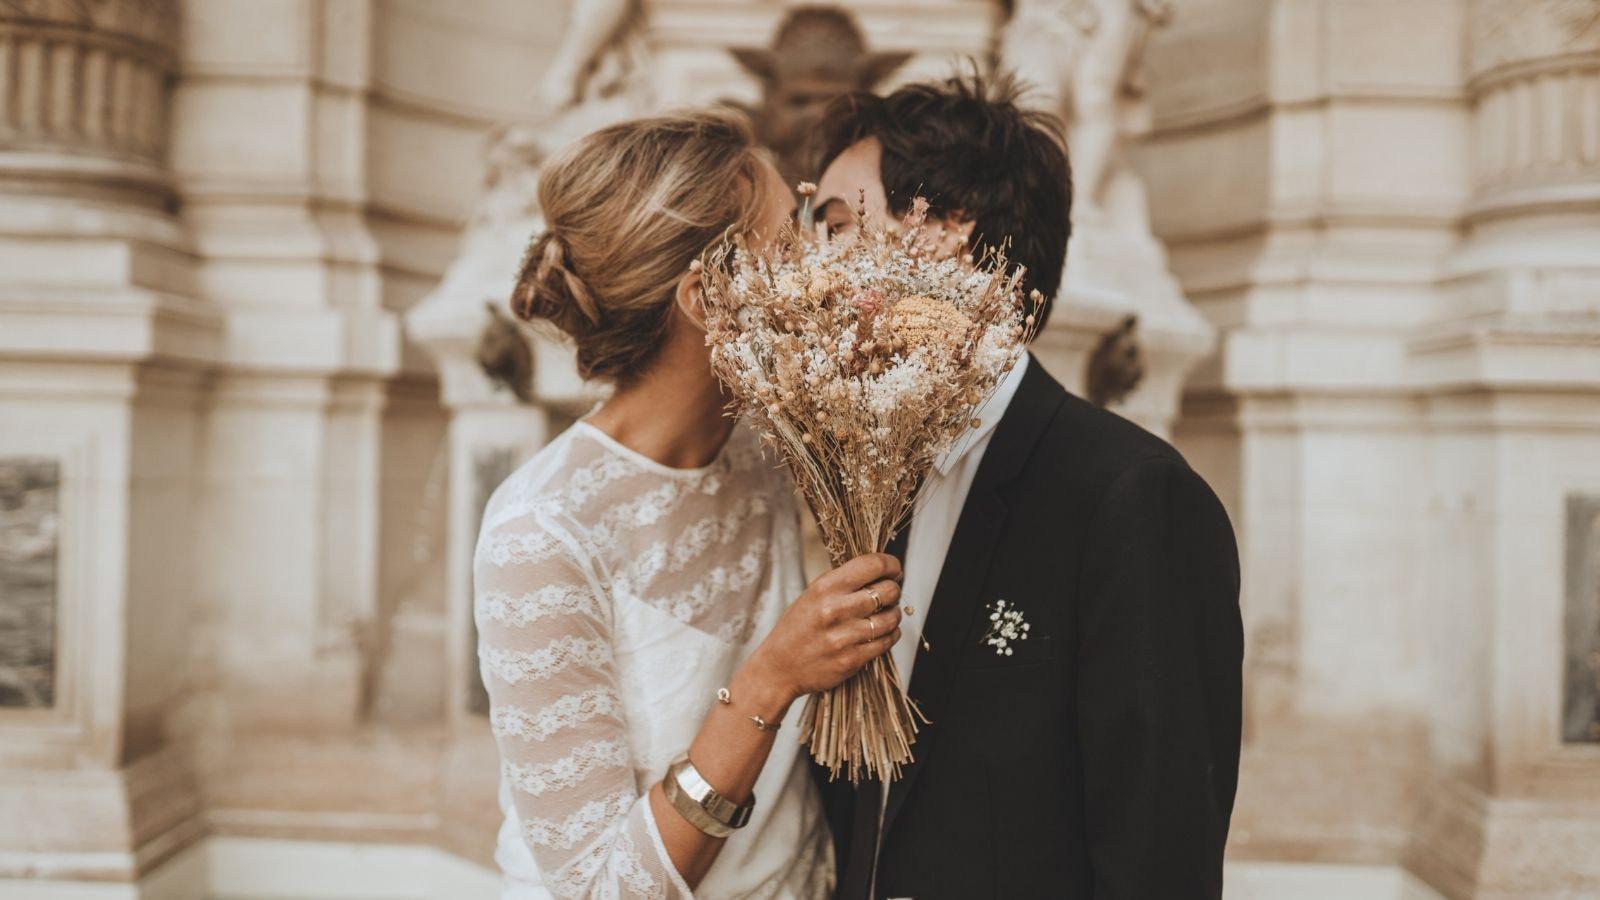 Une photo des mariés à Saint Germain en Laye